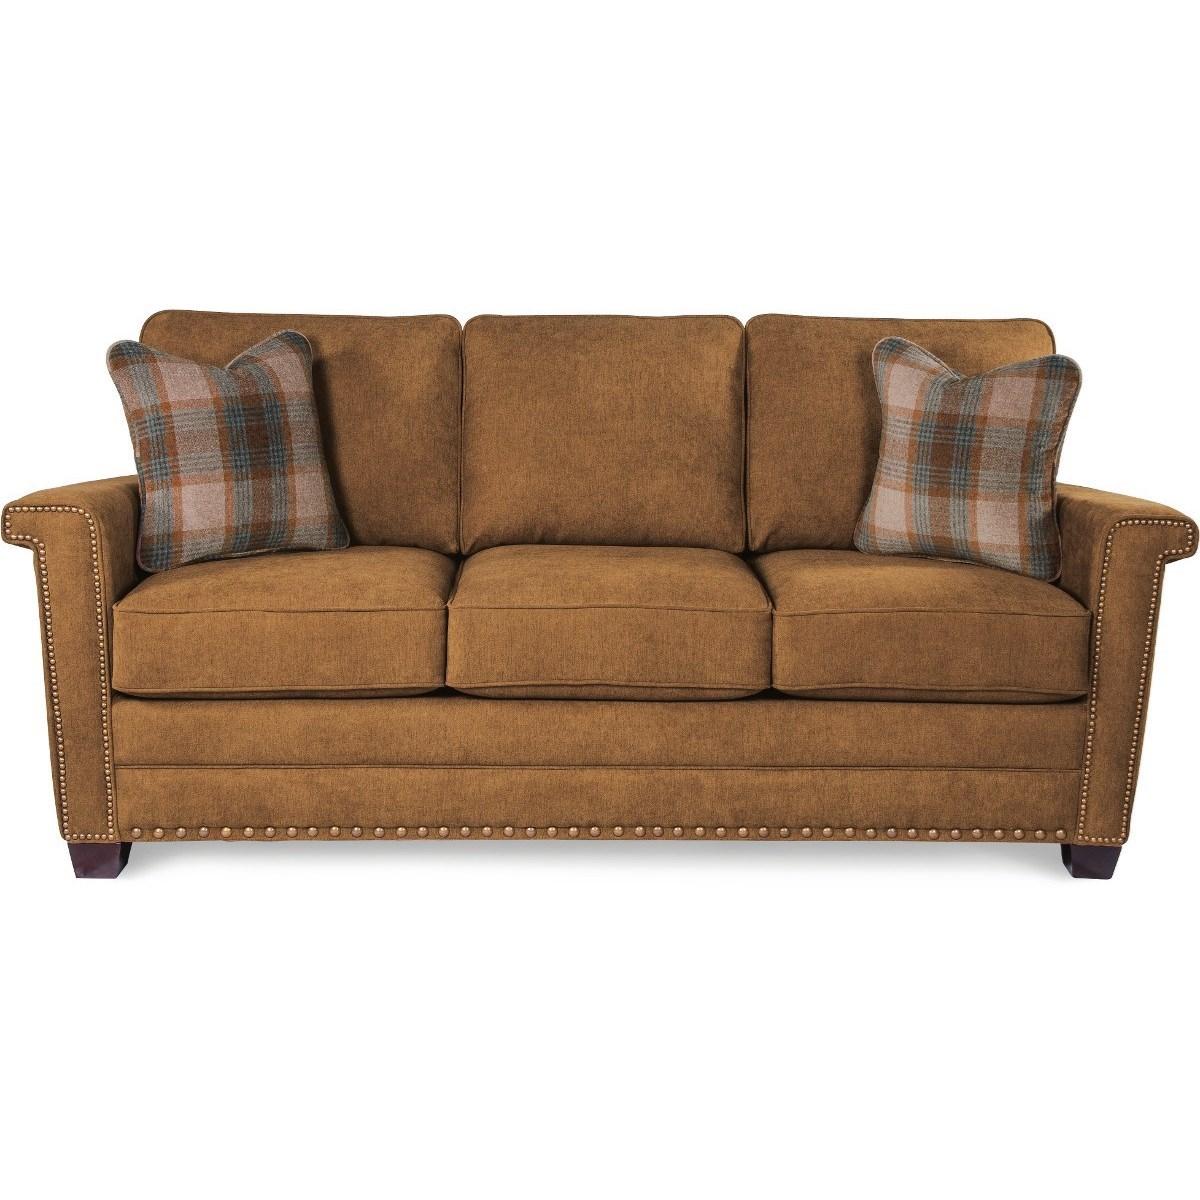 Bexley Sofa by La-Z-Boy at SuperStore